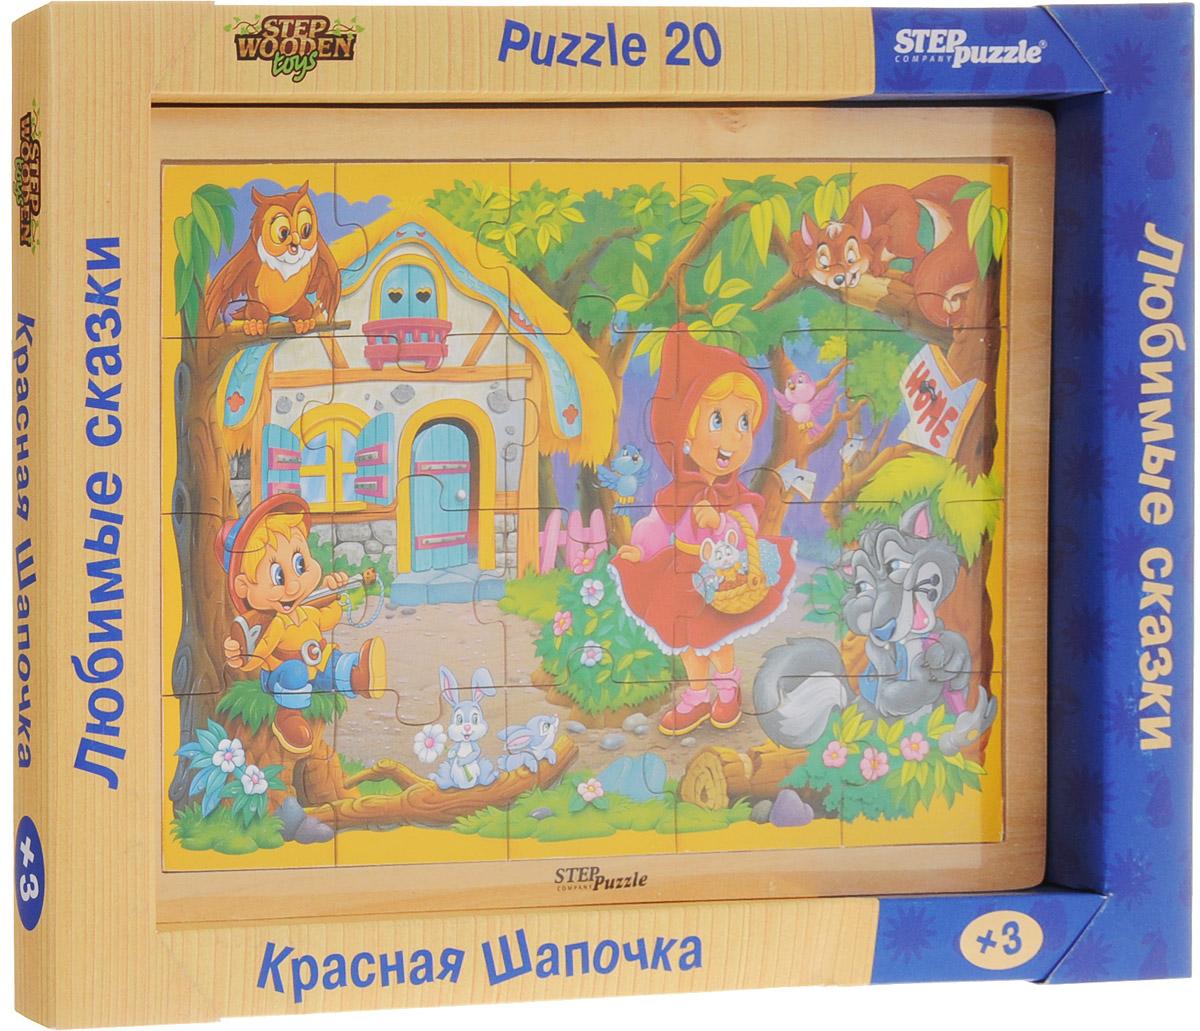 Step Puzzle Пазл для малышей Красная Шапочка89714Пазл для малышей Step Puzzle Красная Шапочка прекрасно подходит для малышей от трех лет. Собрав этот пазл, включающий в себя 20 крупных элементов, вы получите картинку с изображением персонажей одноименного мультфильма. Пазл ориентирован на активное развитие мелкой моторики, сенсорики, речи, памяти, внимания, логического и образного мышления вашего ребенка. Элементы пазла выполнены из прочного дерева.